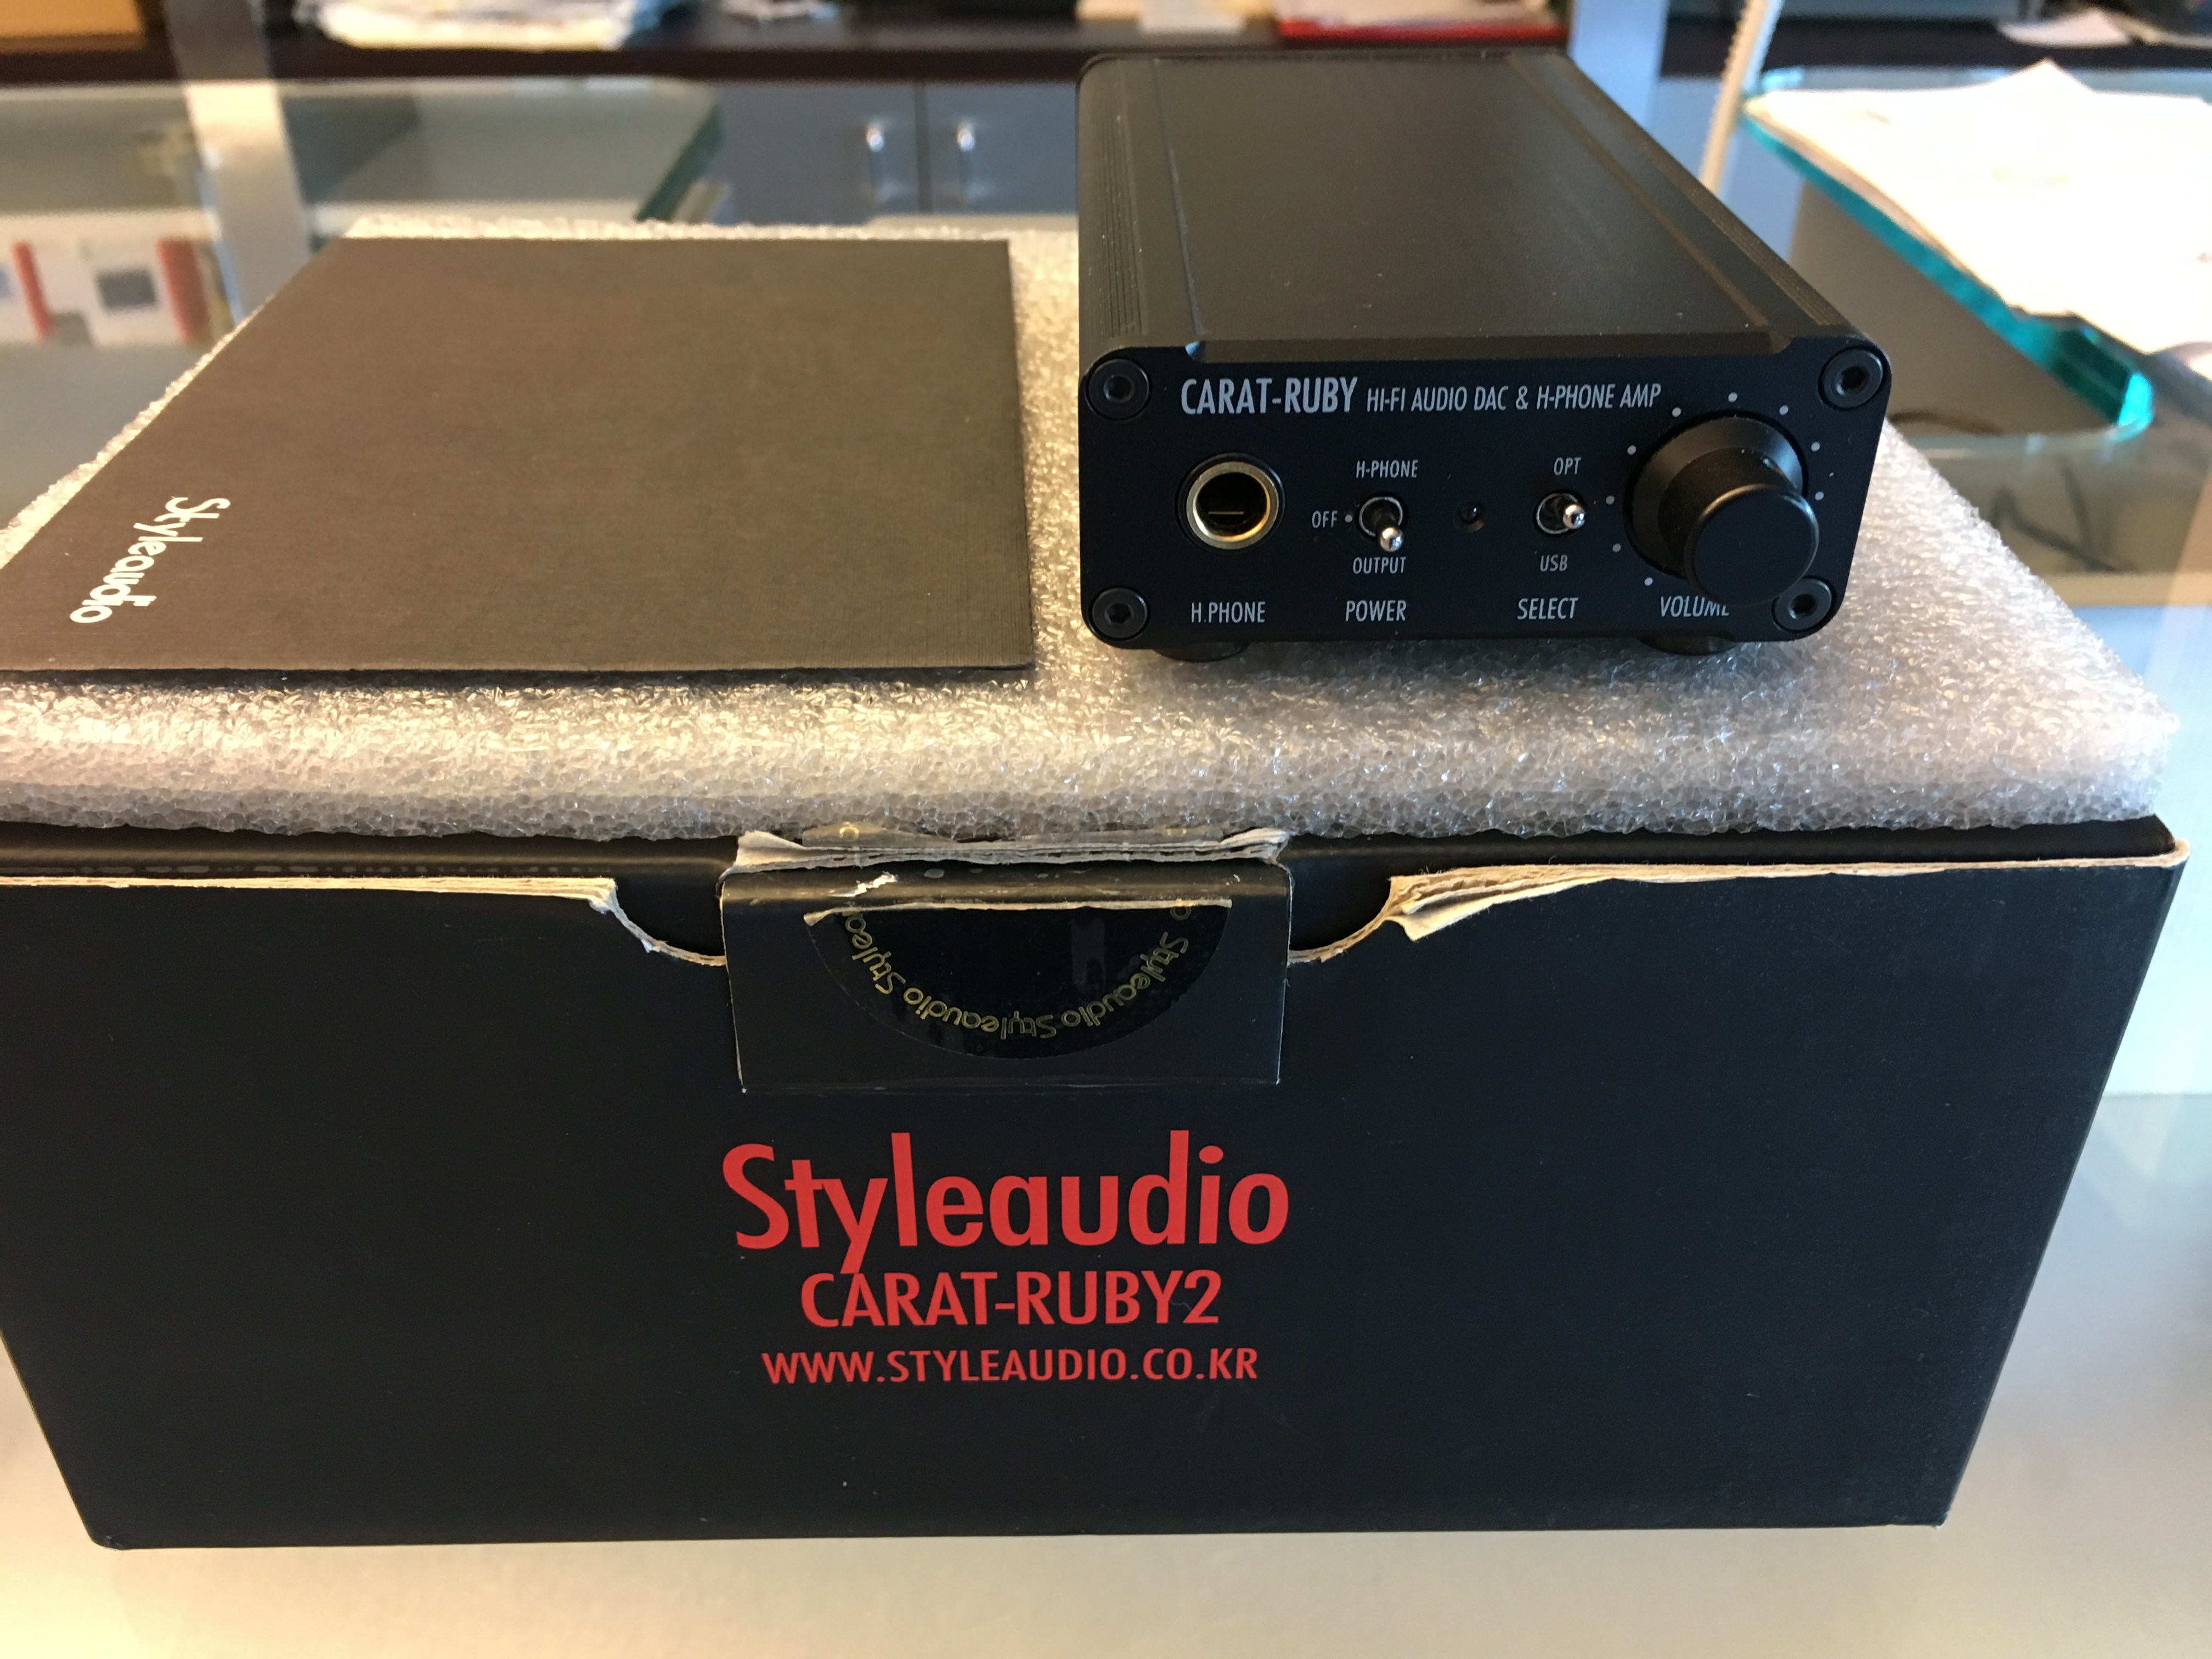 OCCASIONE AMPLIFICATORE CUFFIE +DAC HIFI STYLE AUDIO CARAT-RUBY 2